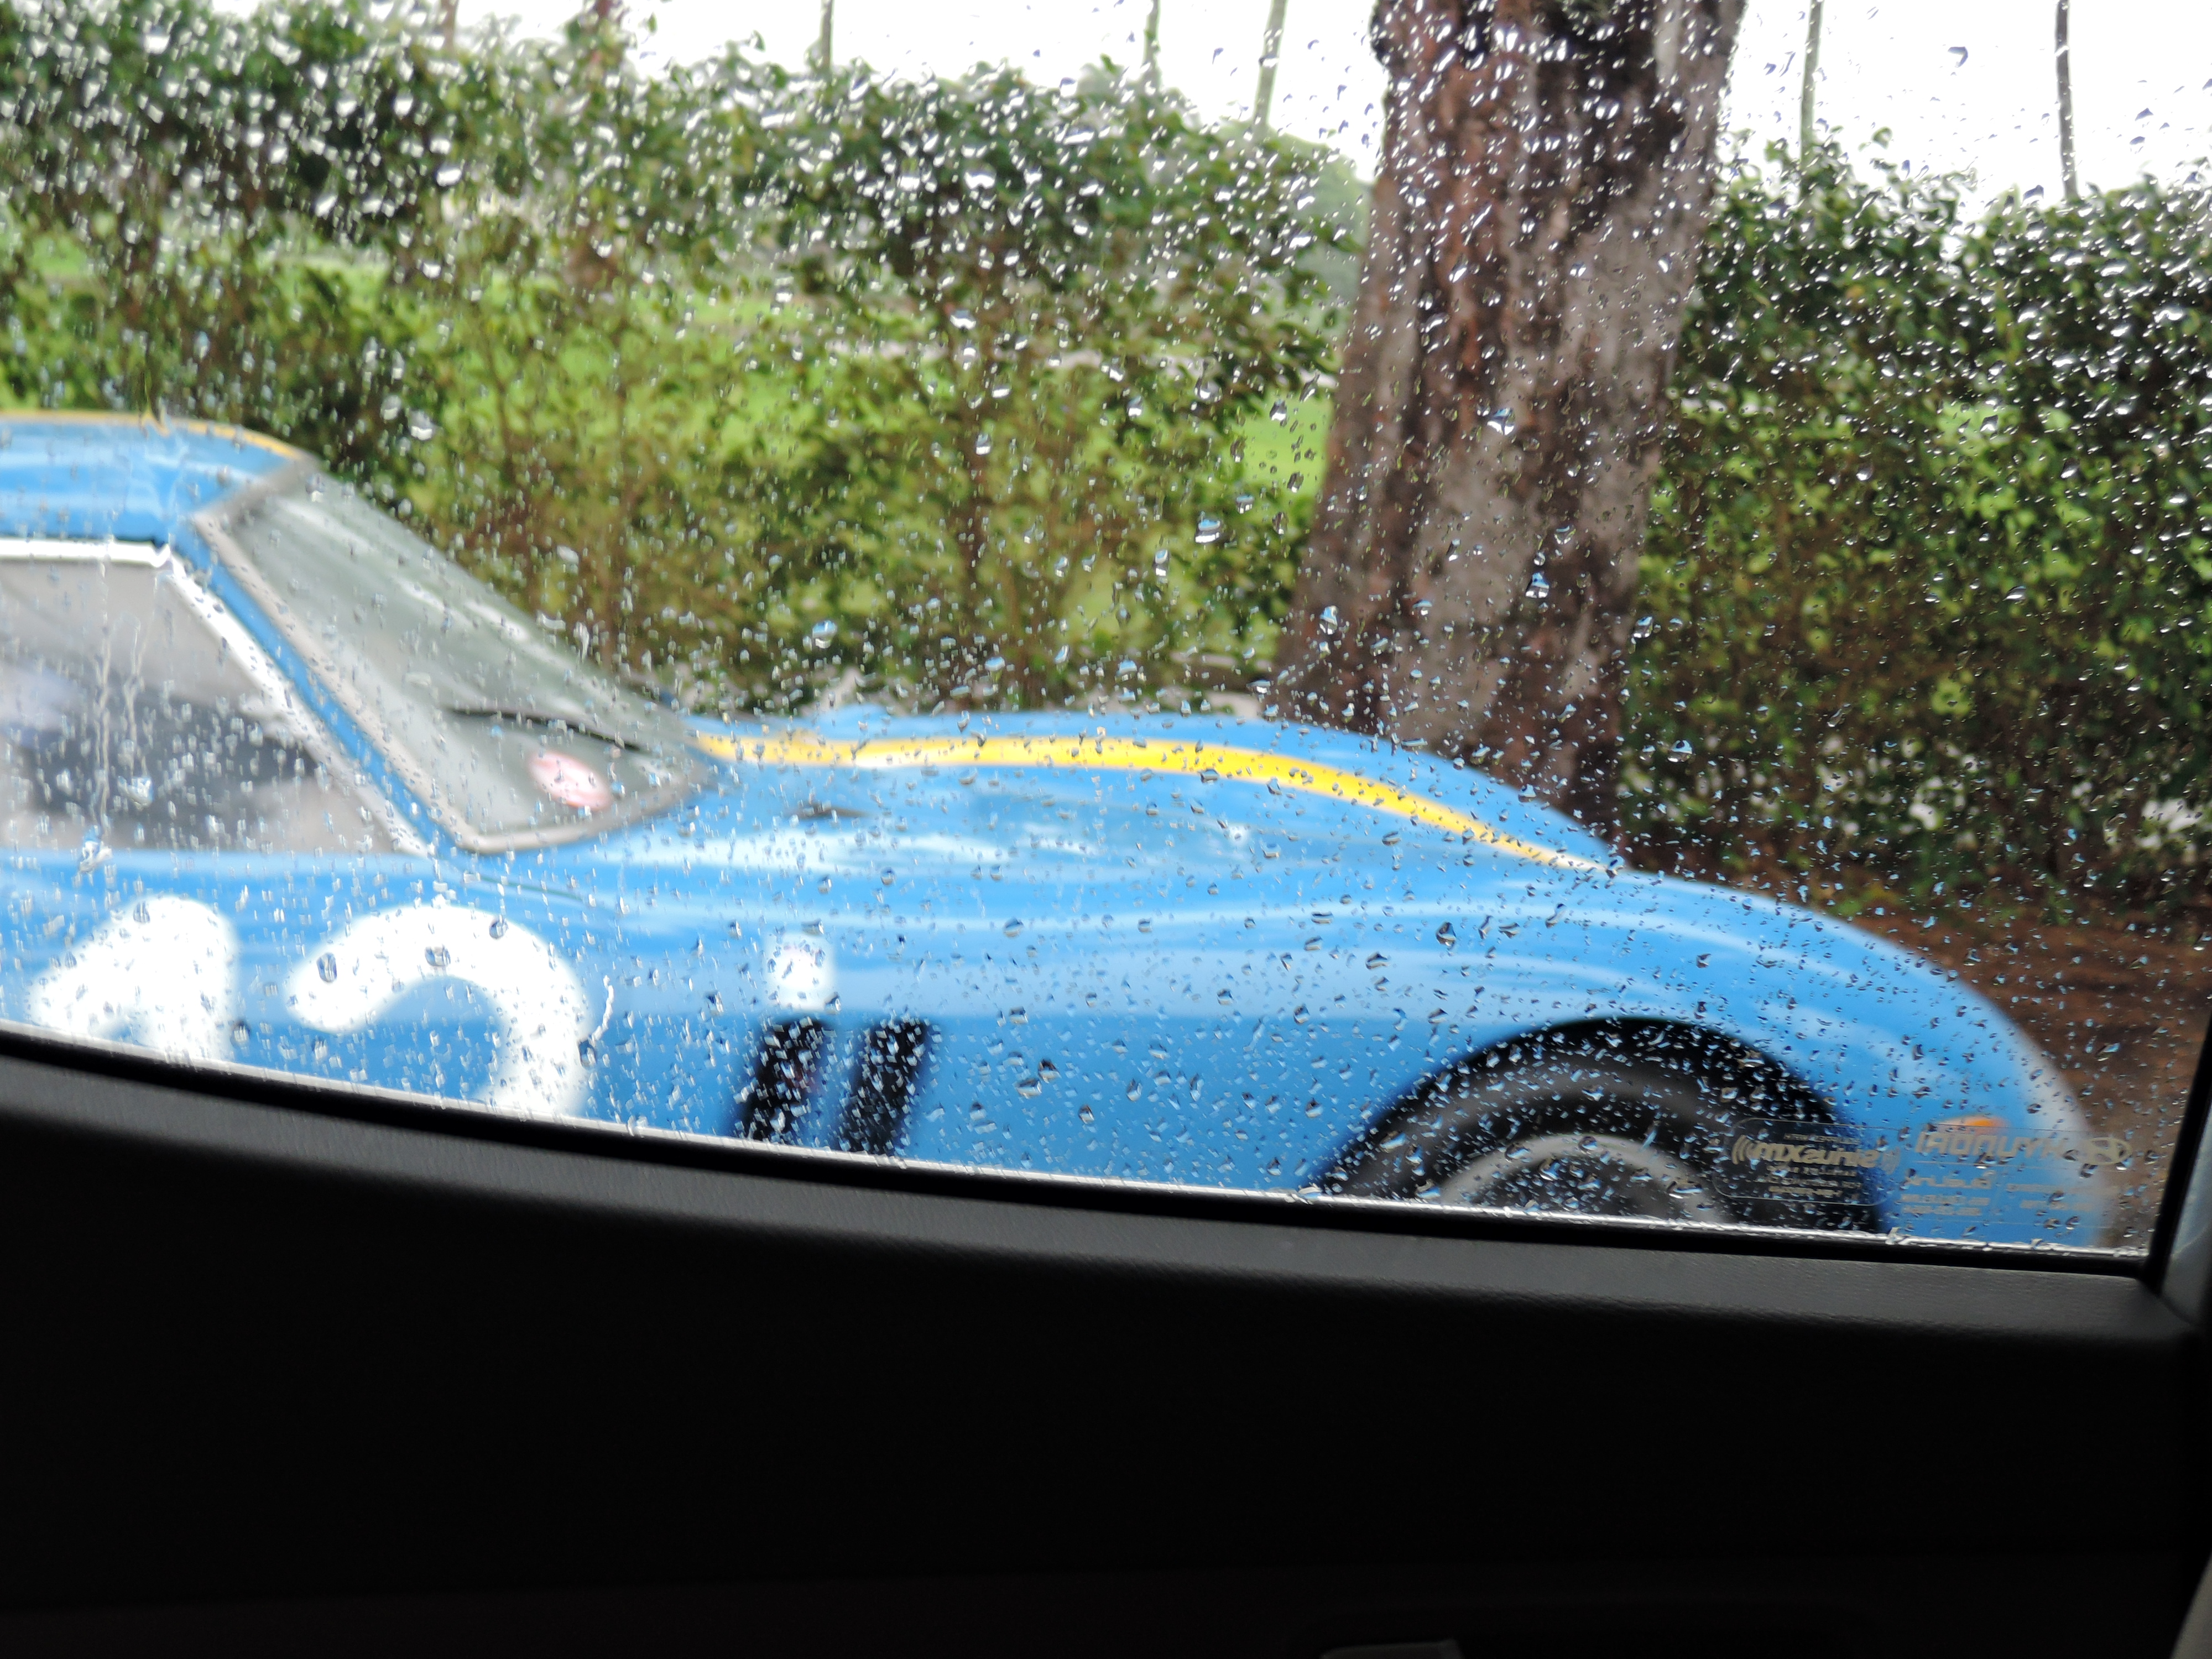 Ferrari 250 GTO - MaraLago 2017